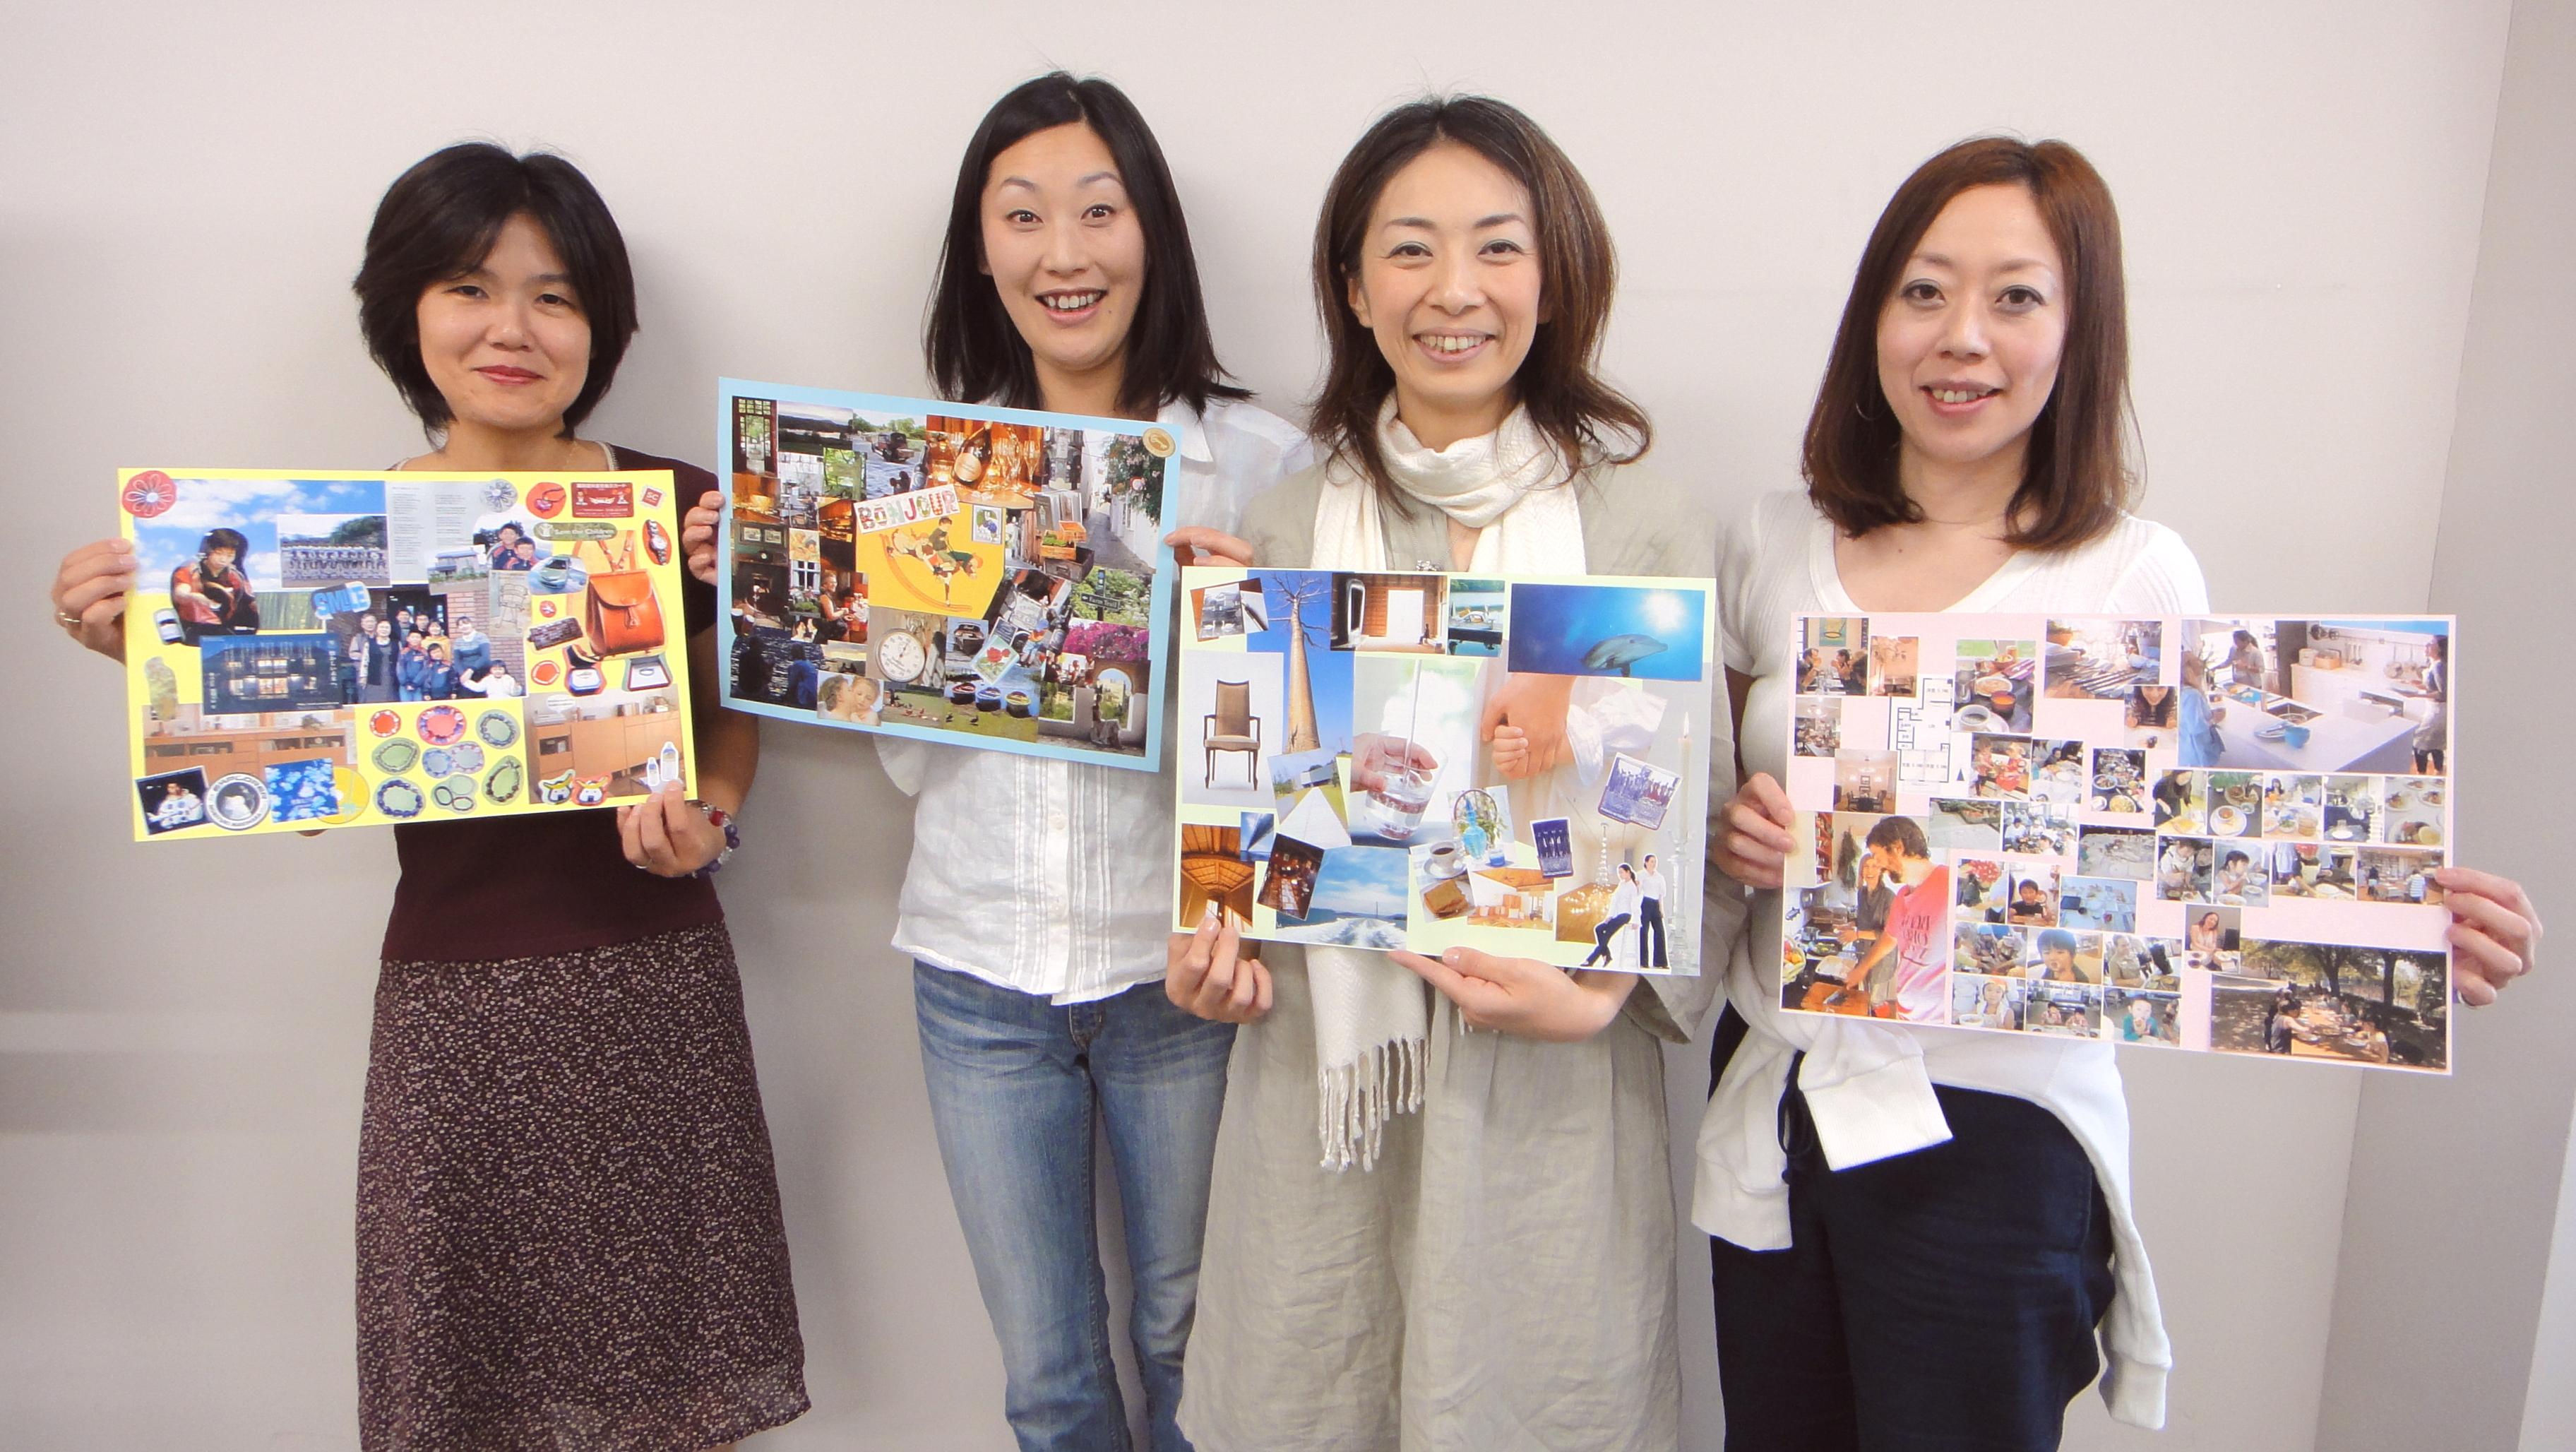 【ソースワークショップ活用編】55期を仙台にて開催しました。